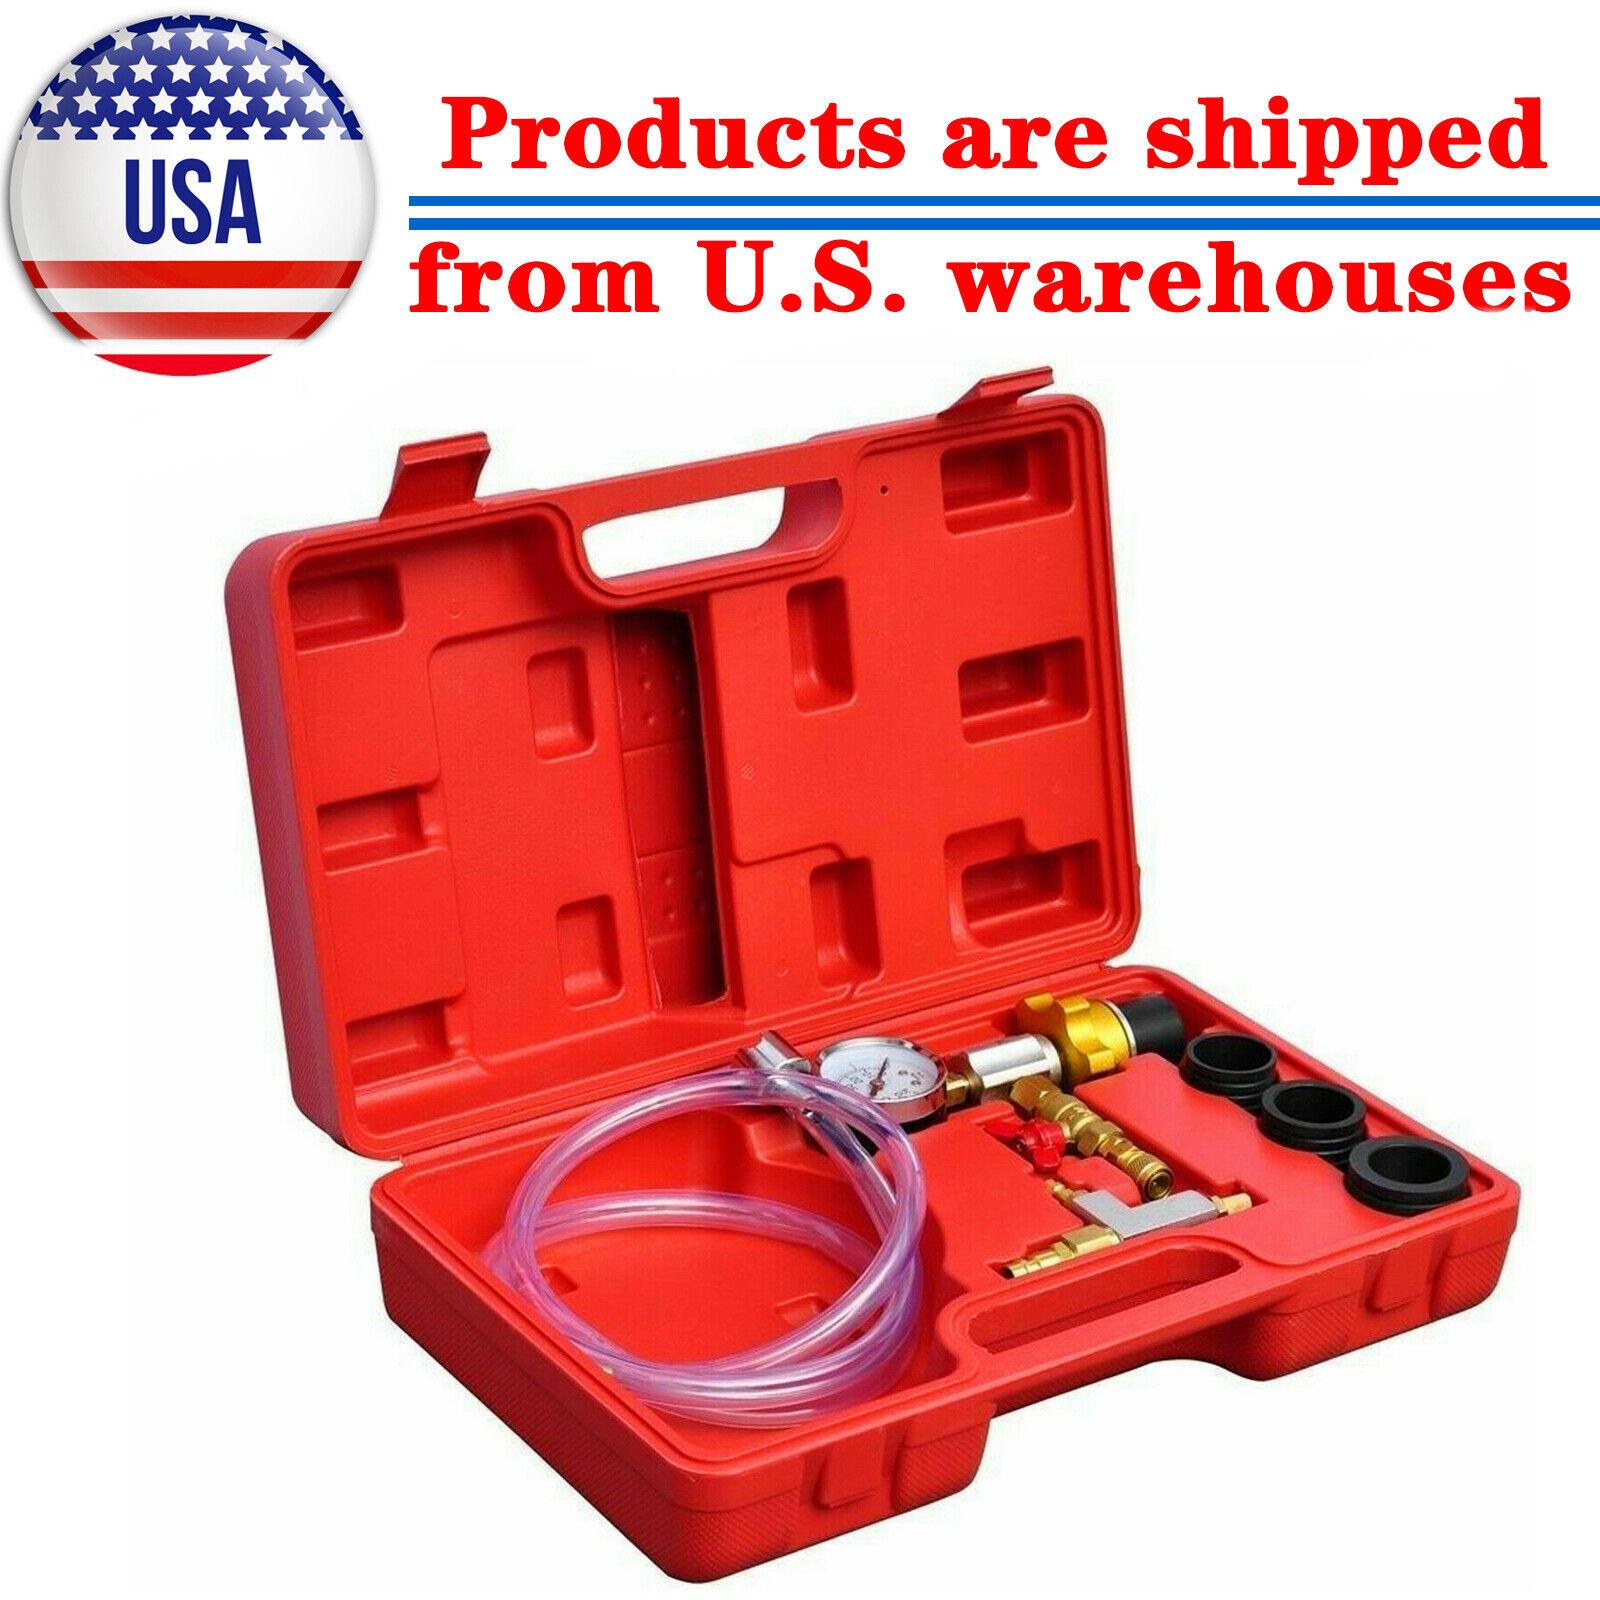 Engine Cooling System Vacuum Radiator Kit Refill Purge Set Universal Auto Tools